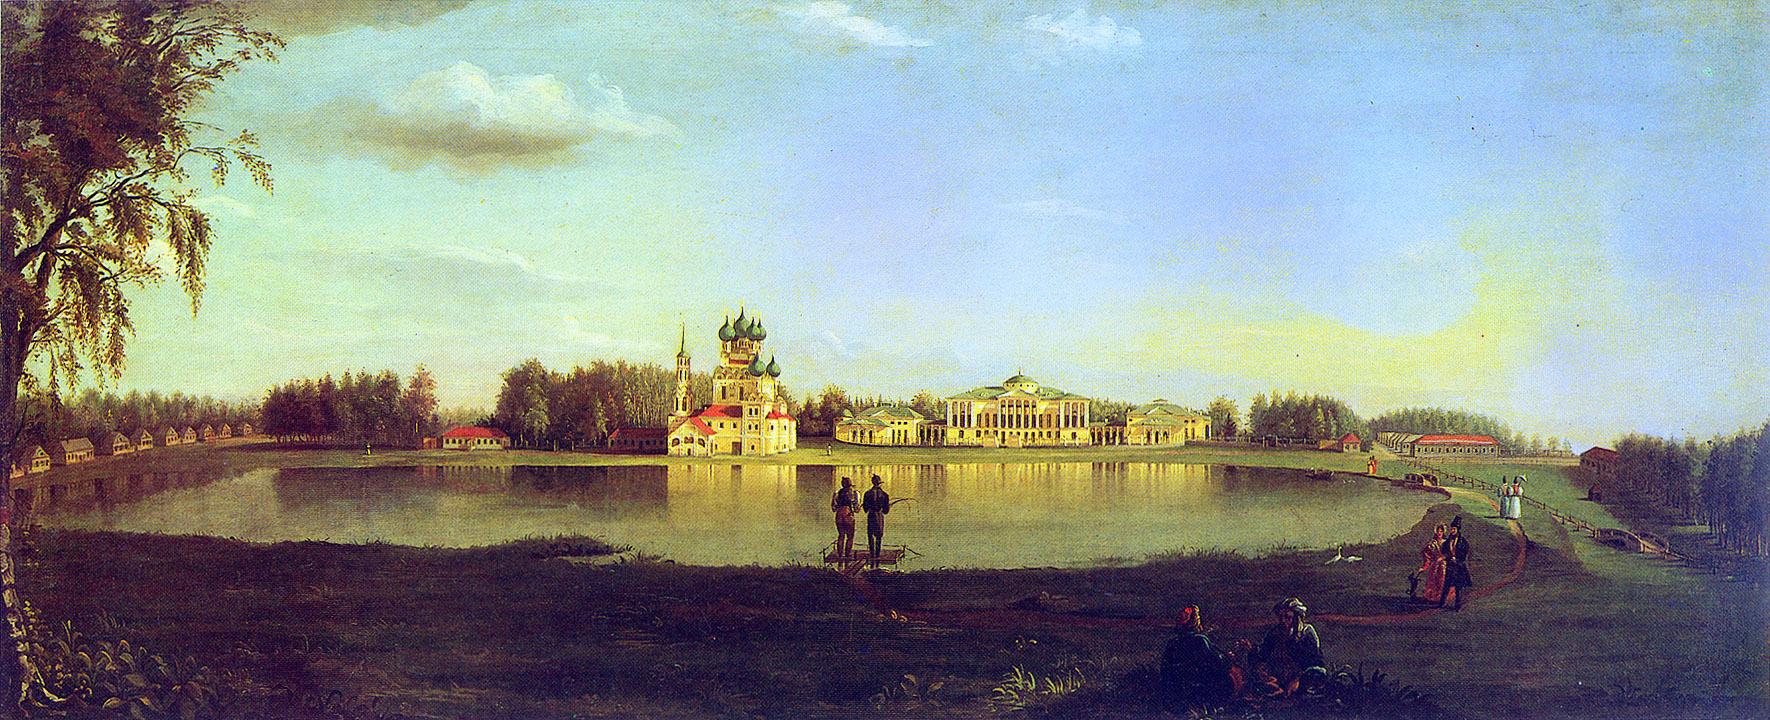 Подключников Николай Иванович (1813—1877) Останкино. Усадьба Шереметевых